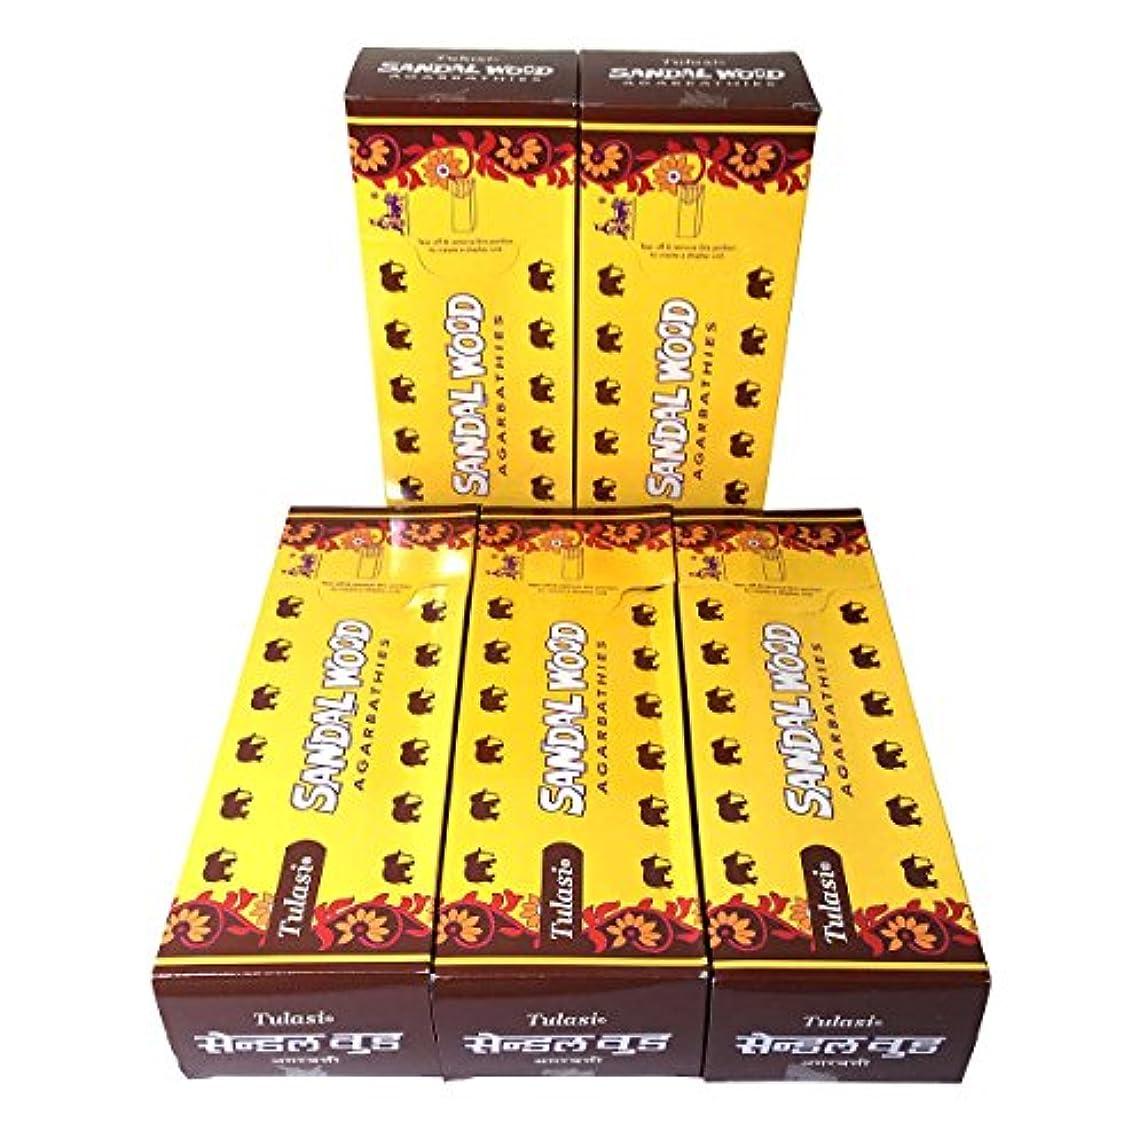 惨めな安定しました泥棒サンダルウッド香スティック 5BOX(30箱)/TULASI SANDAL WOOD/ インド香 / 送料無料 [並行輸入品]